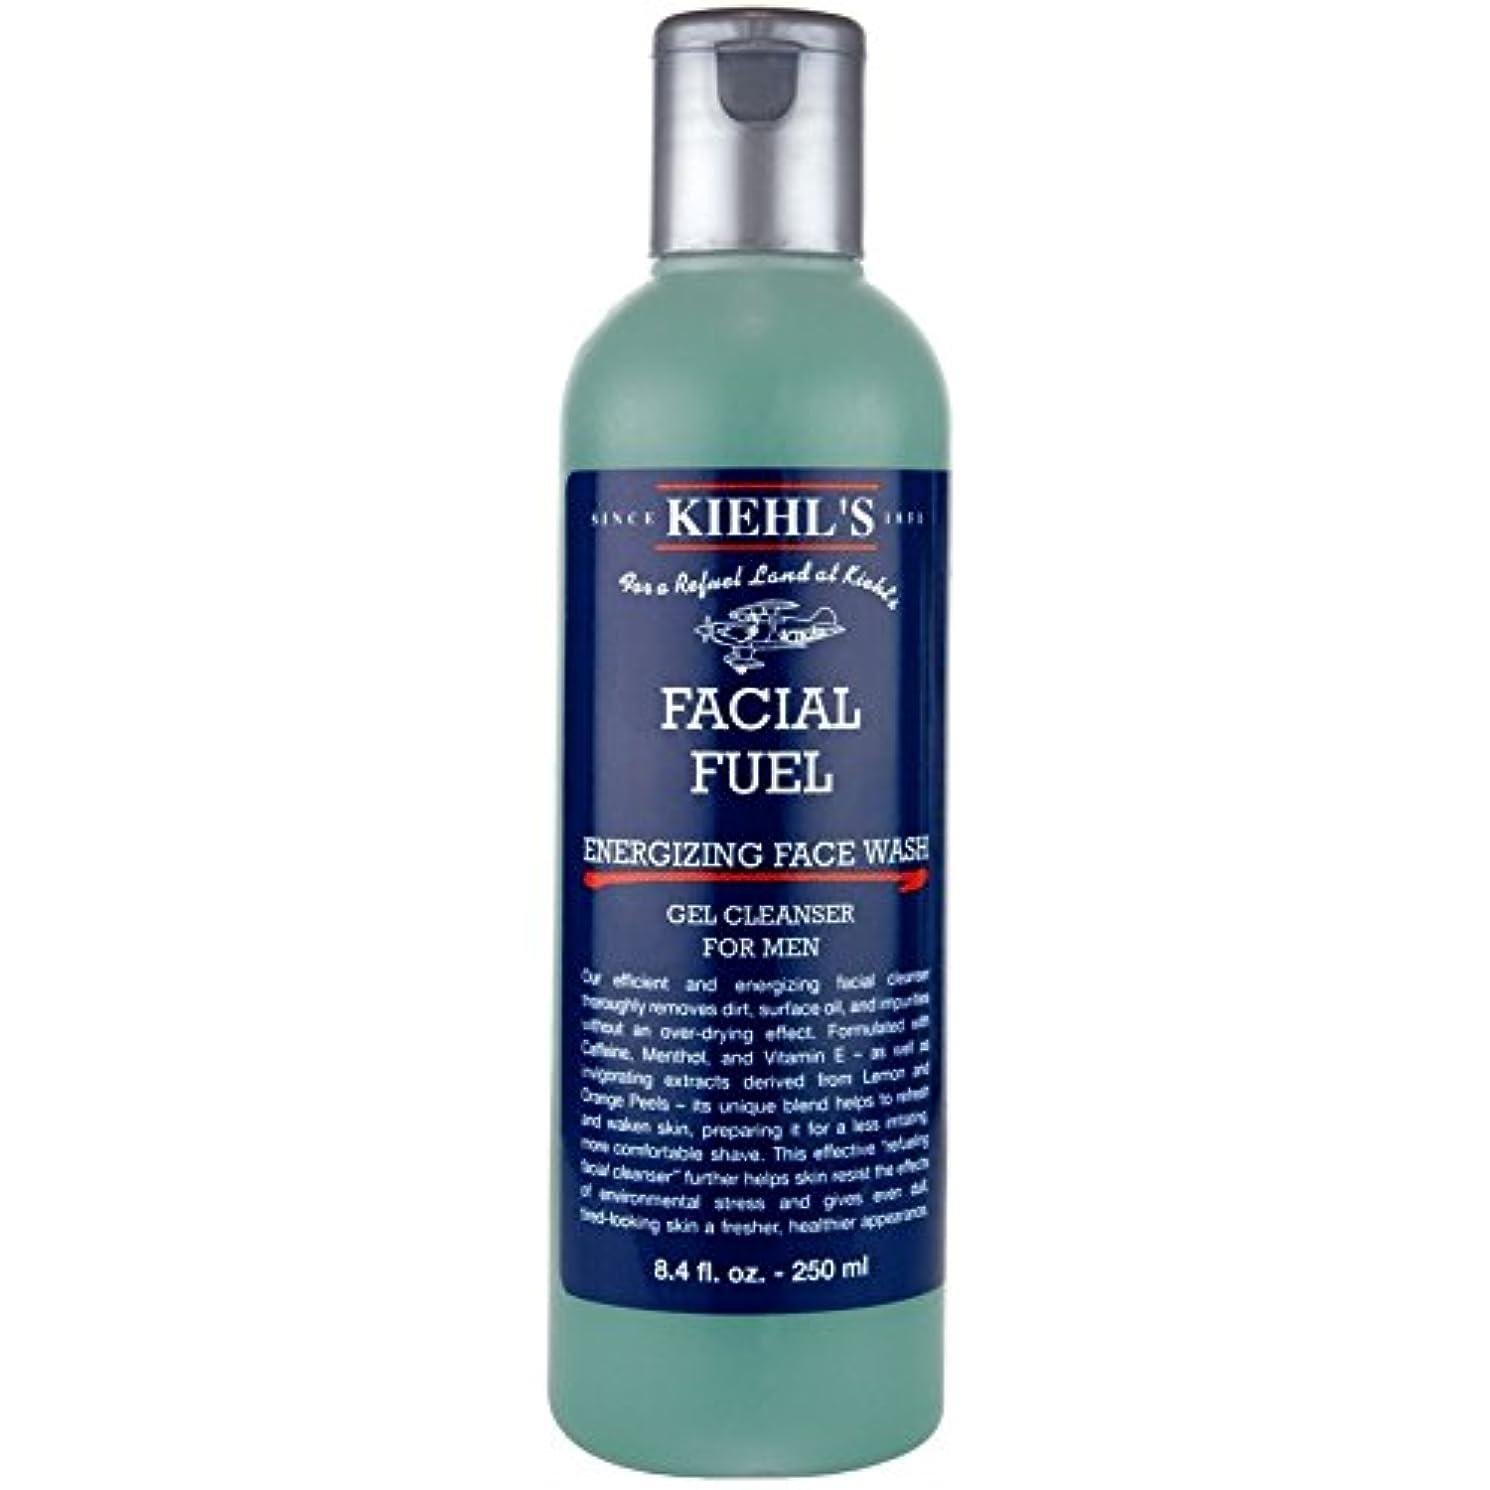 スラック不運毎年[Kiehl's] 男性のためのキールズフェイシャル燃料通電洗顔250ミリリットル - Kiehl's Facial Fuel Energizing Face Wash For Men 250ml [並行輸入品]